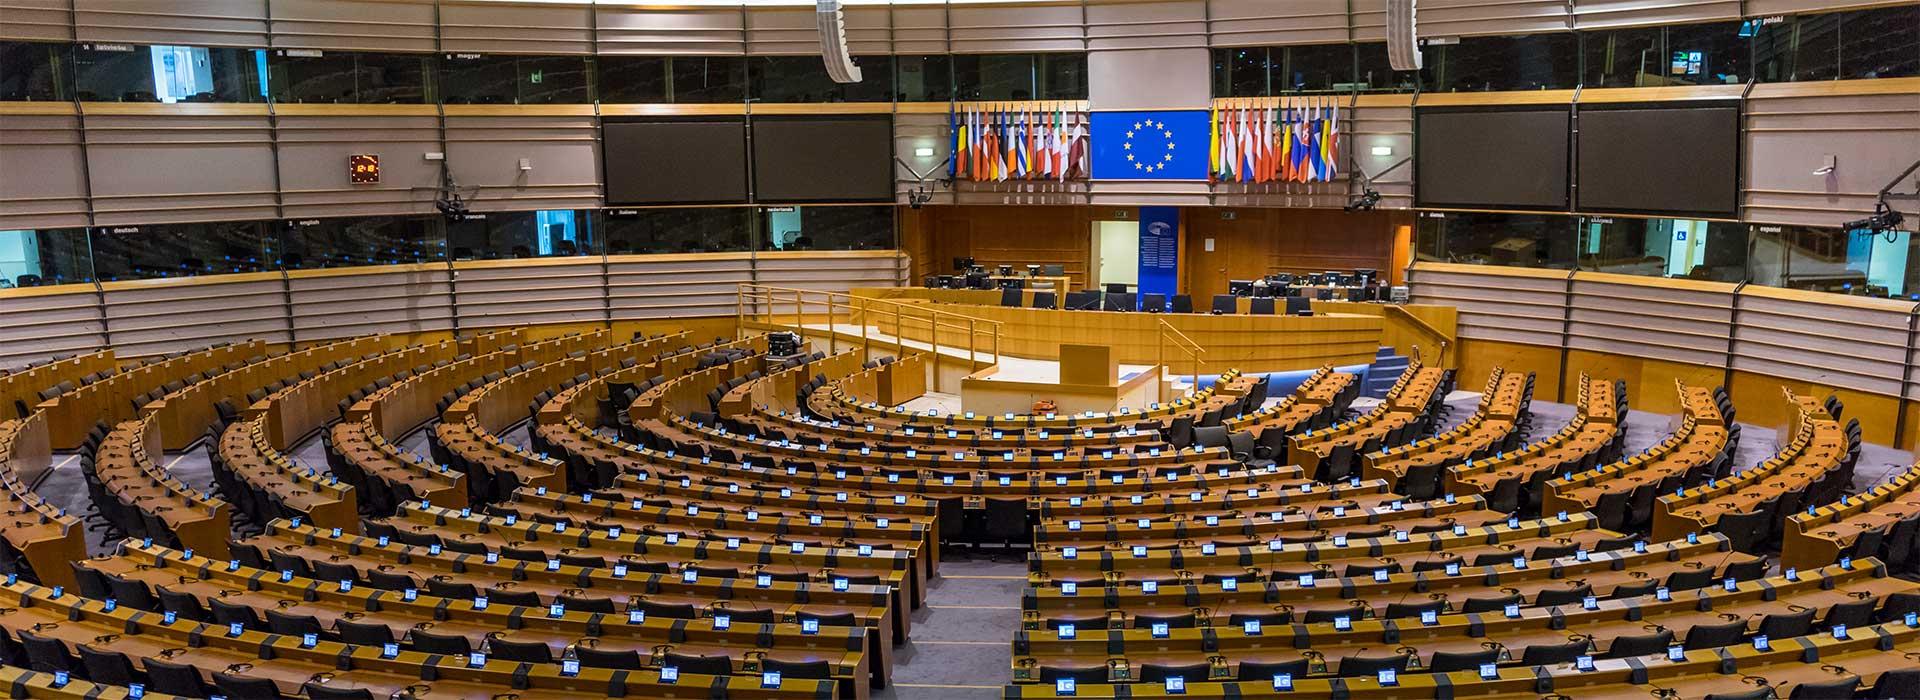 Sala de conferência do Parlamento Europeu